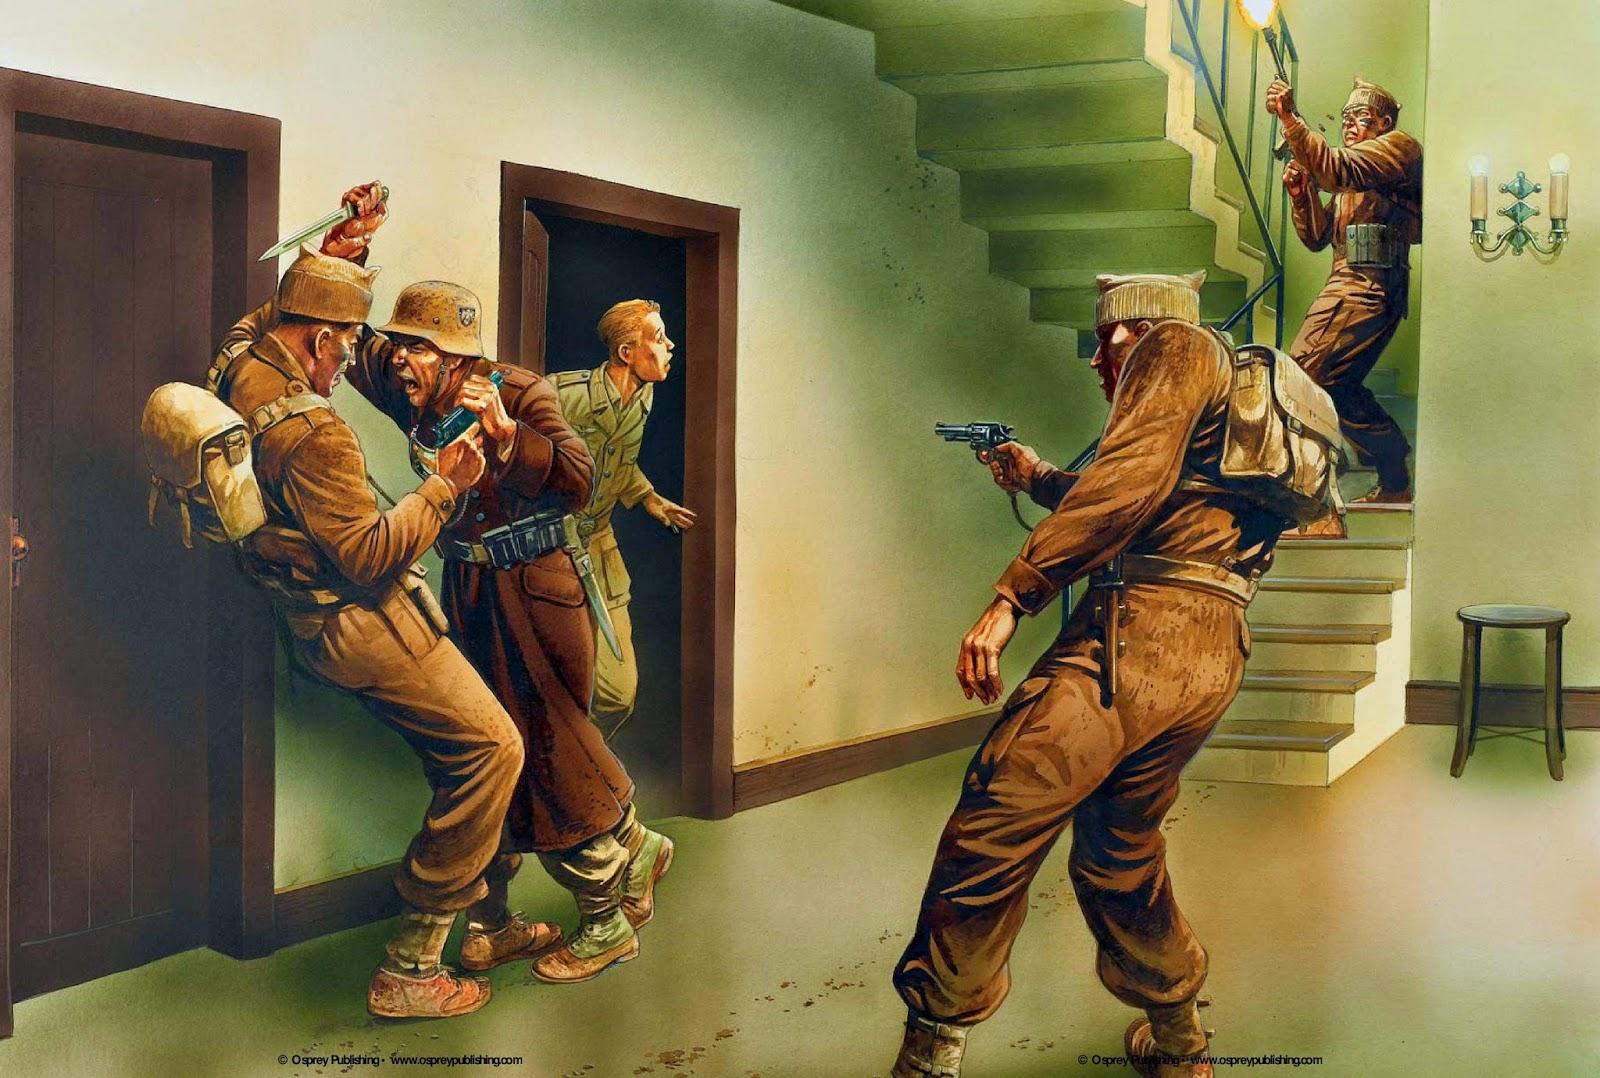 NAZI JERMAN Koleksi Lukisan Perang Nazi Jerman